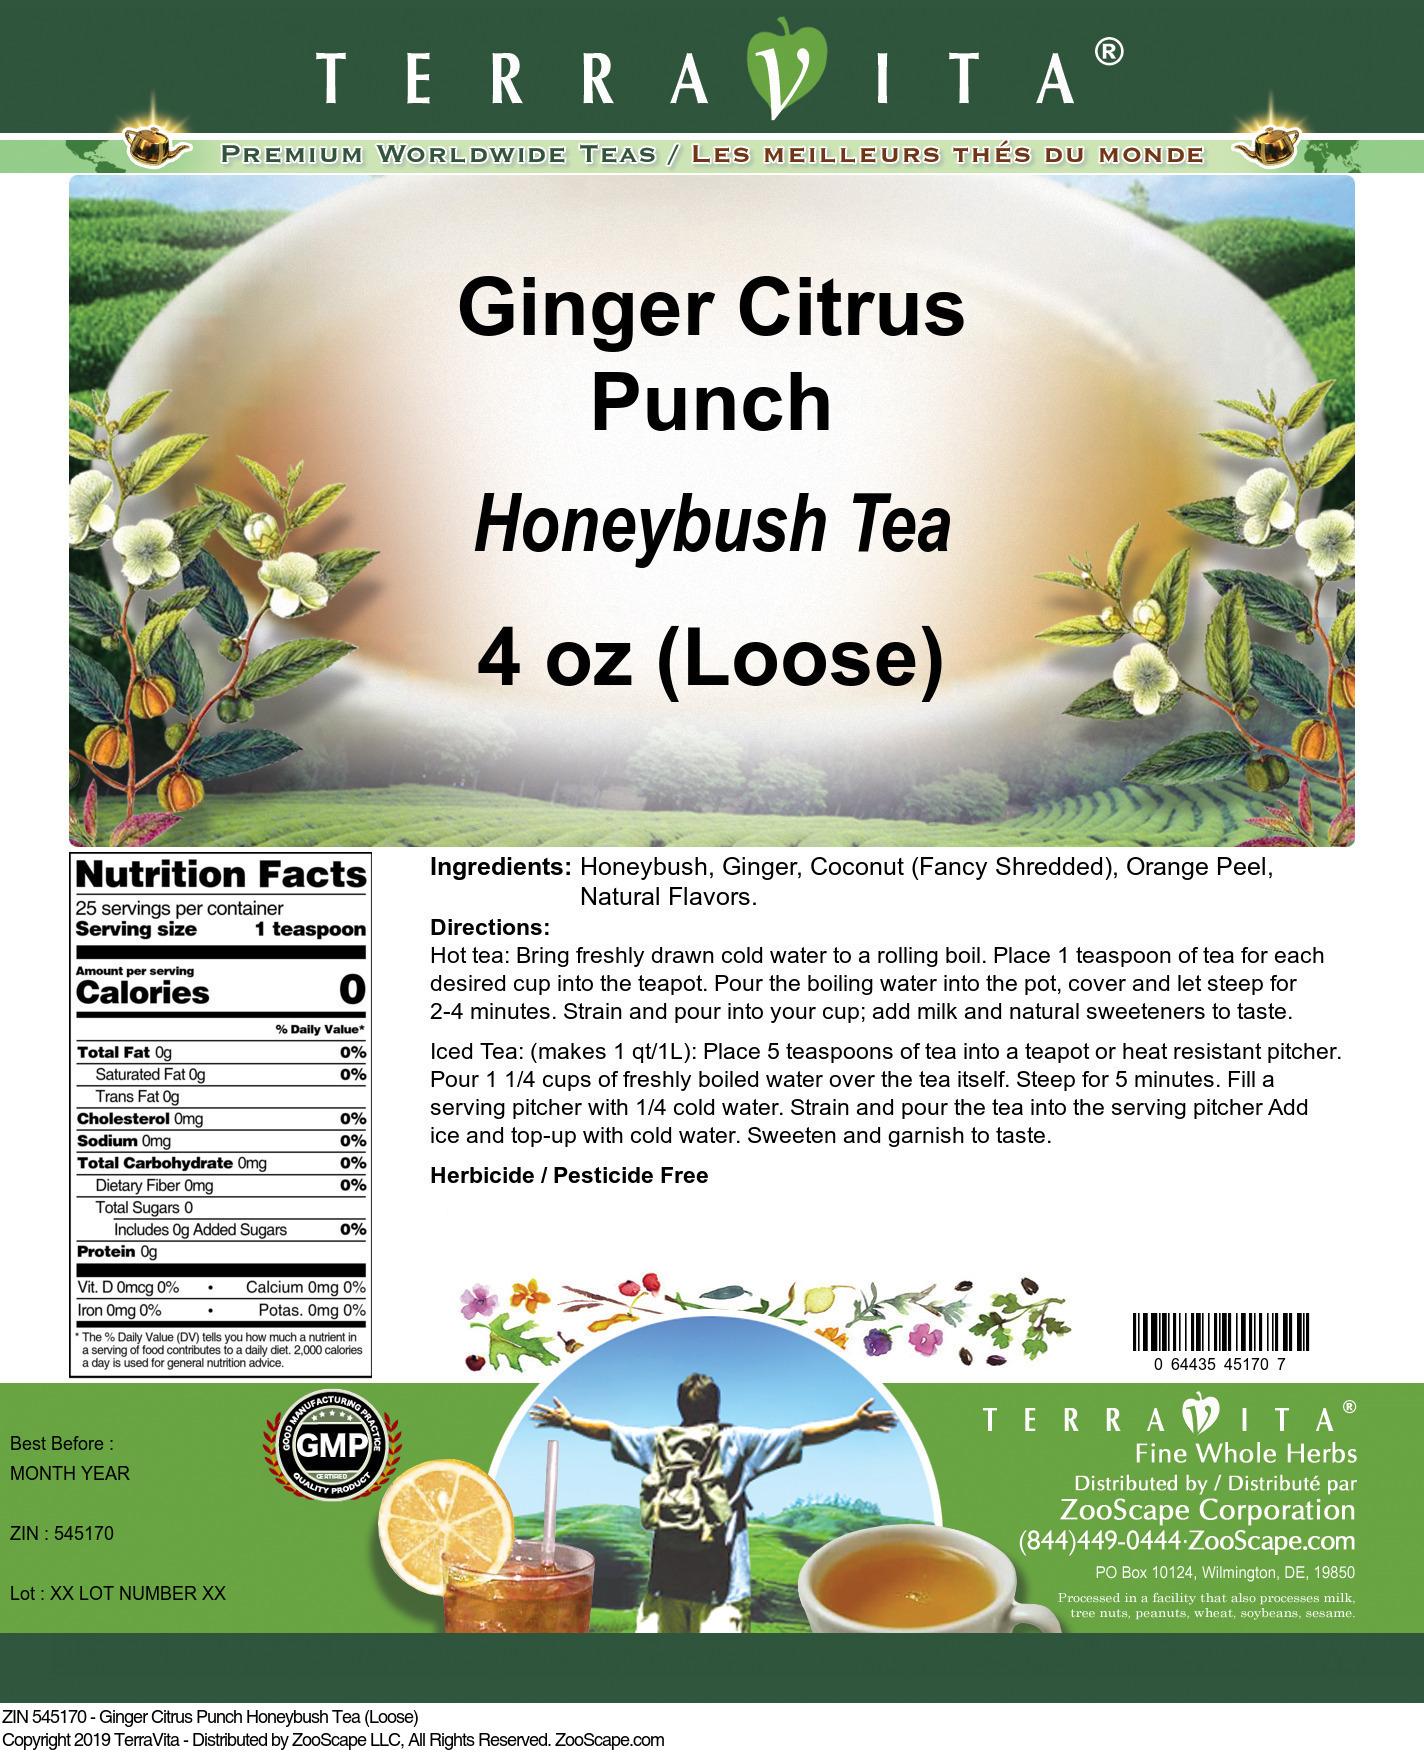 Ginger Citrus Punch Honeybush Tea